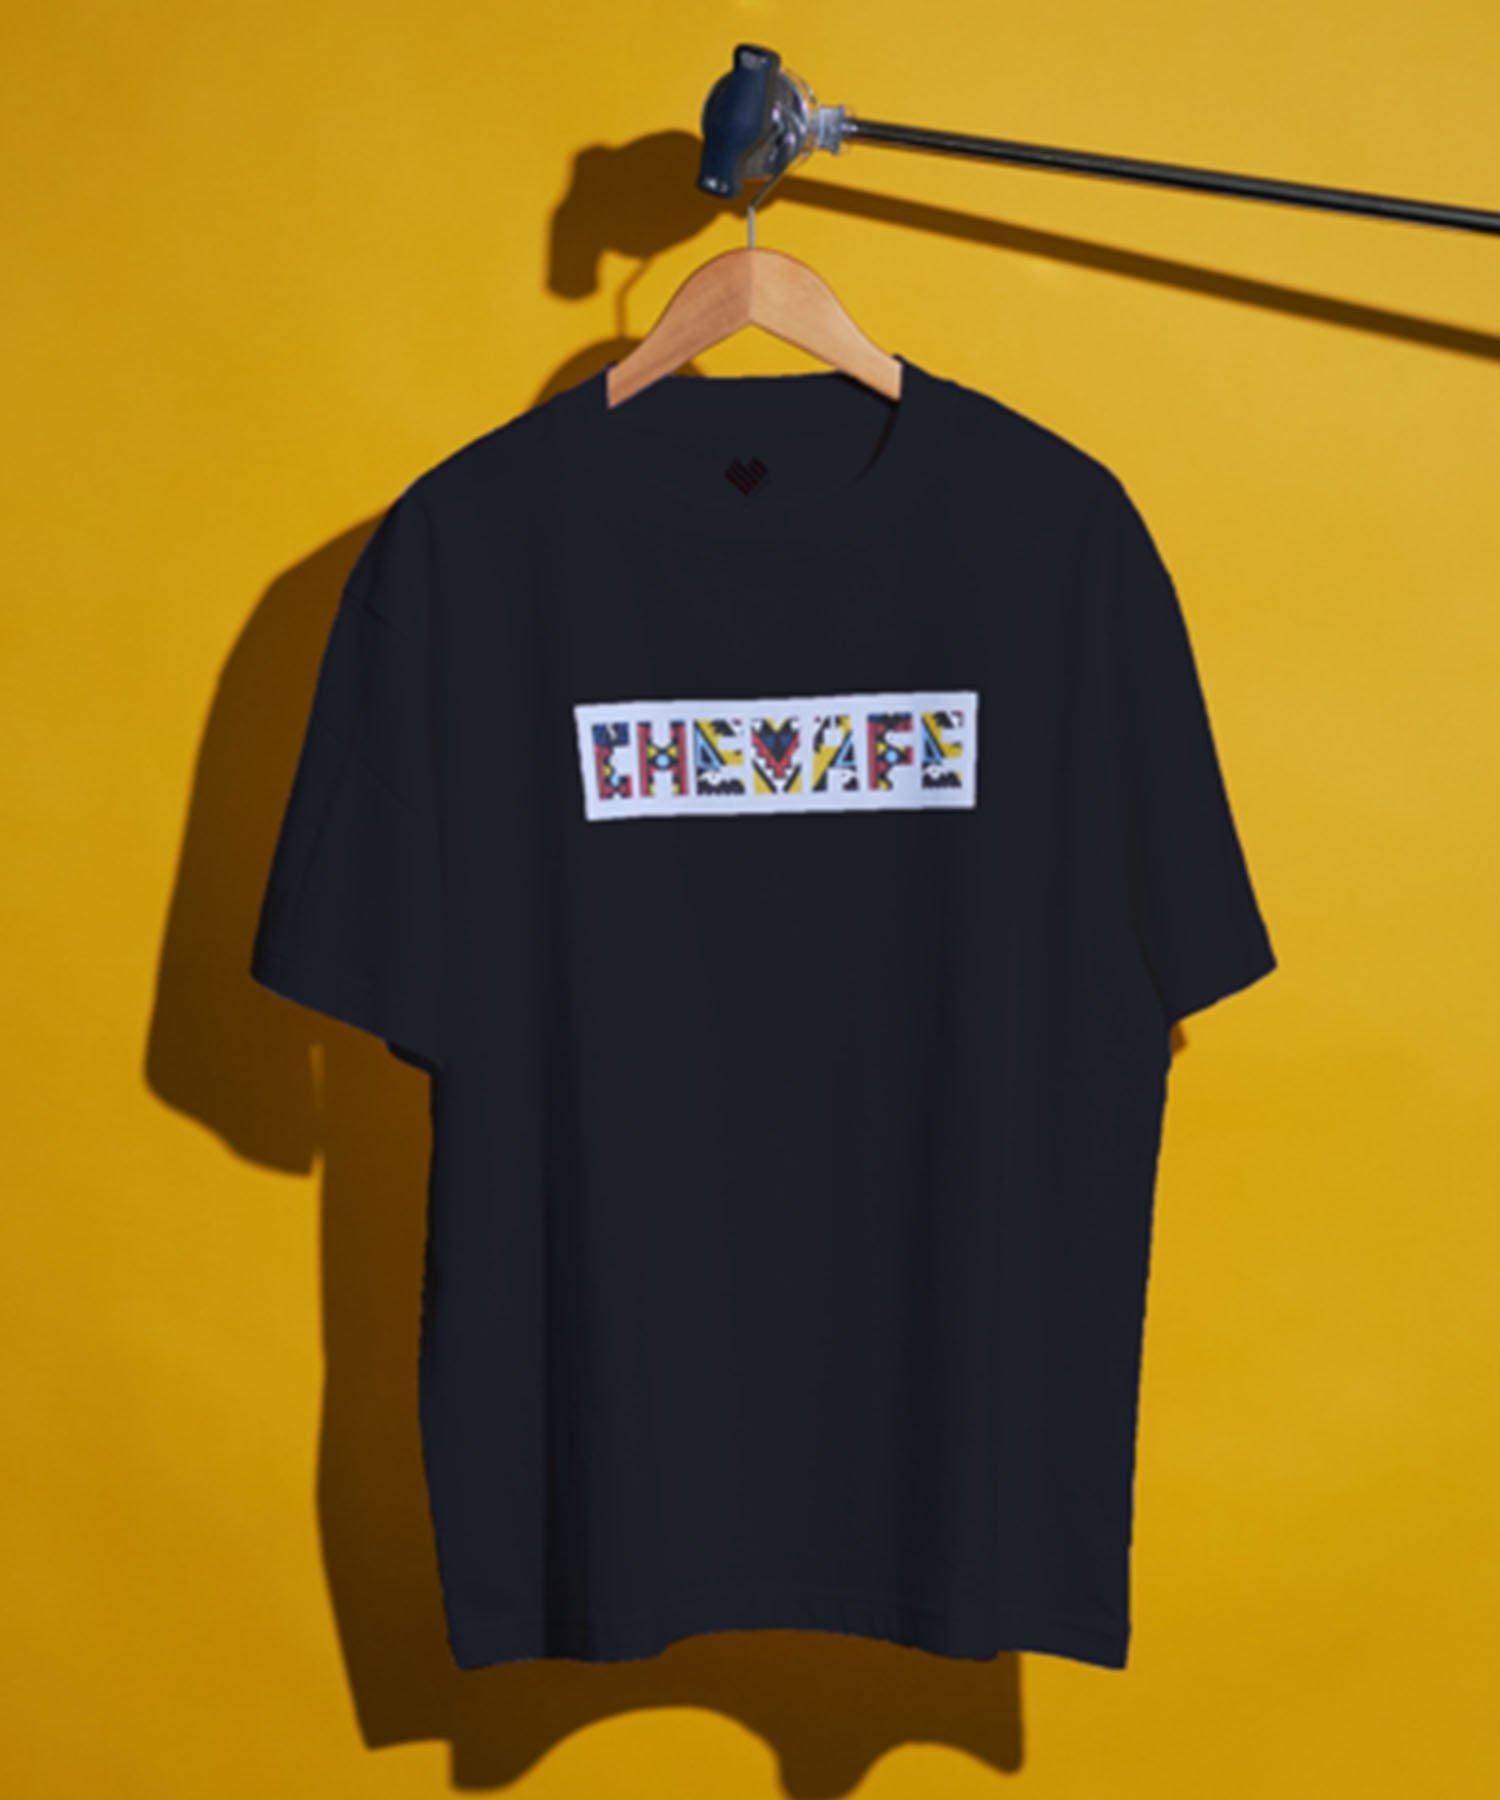 【Cheka】NAIROBI organic t-shirt BLK×GRY(11月上旬お届け)